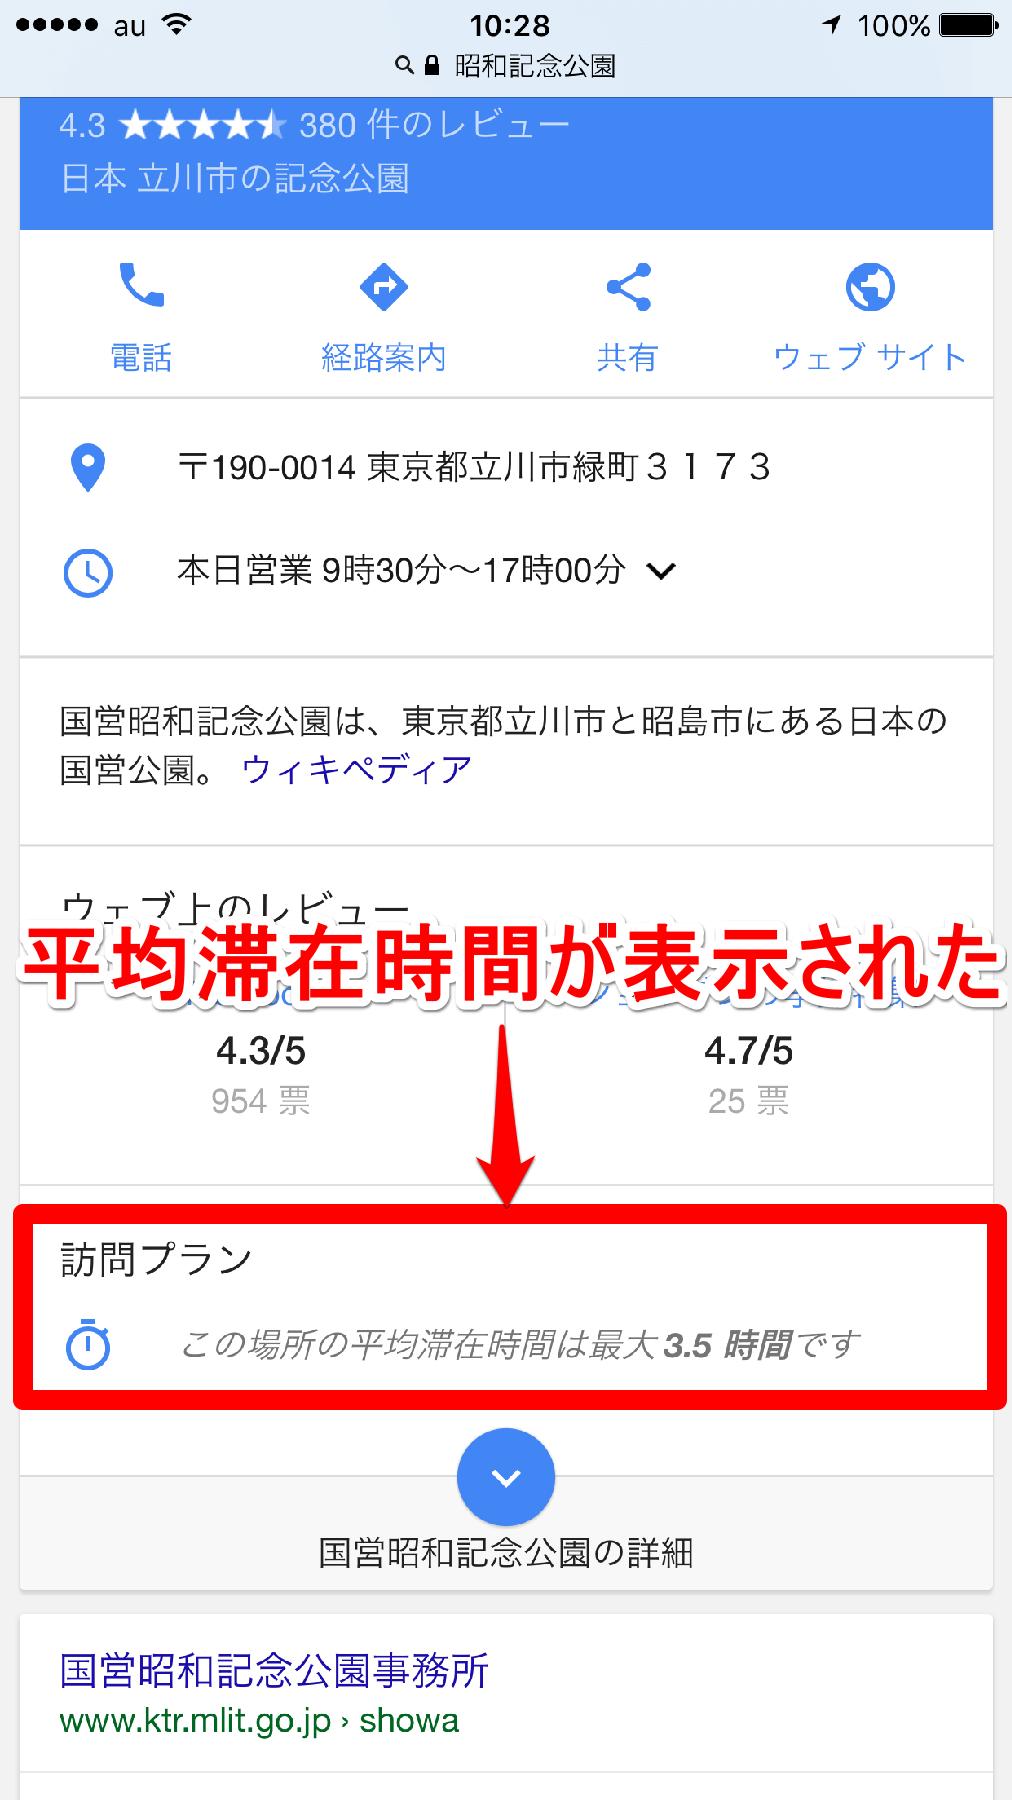 グーグル検索で平均滞在時間が表示された